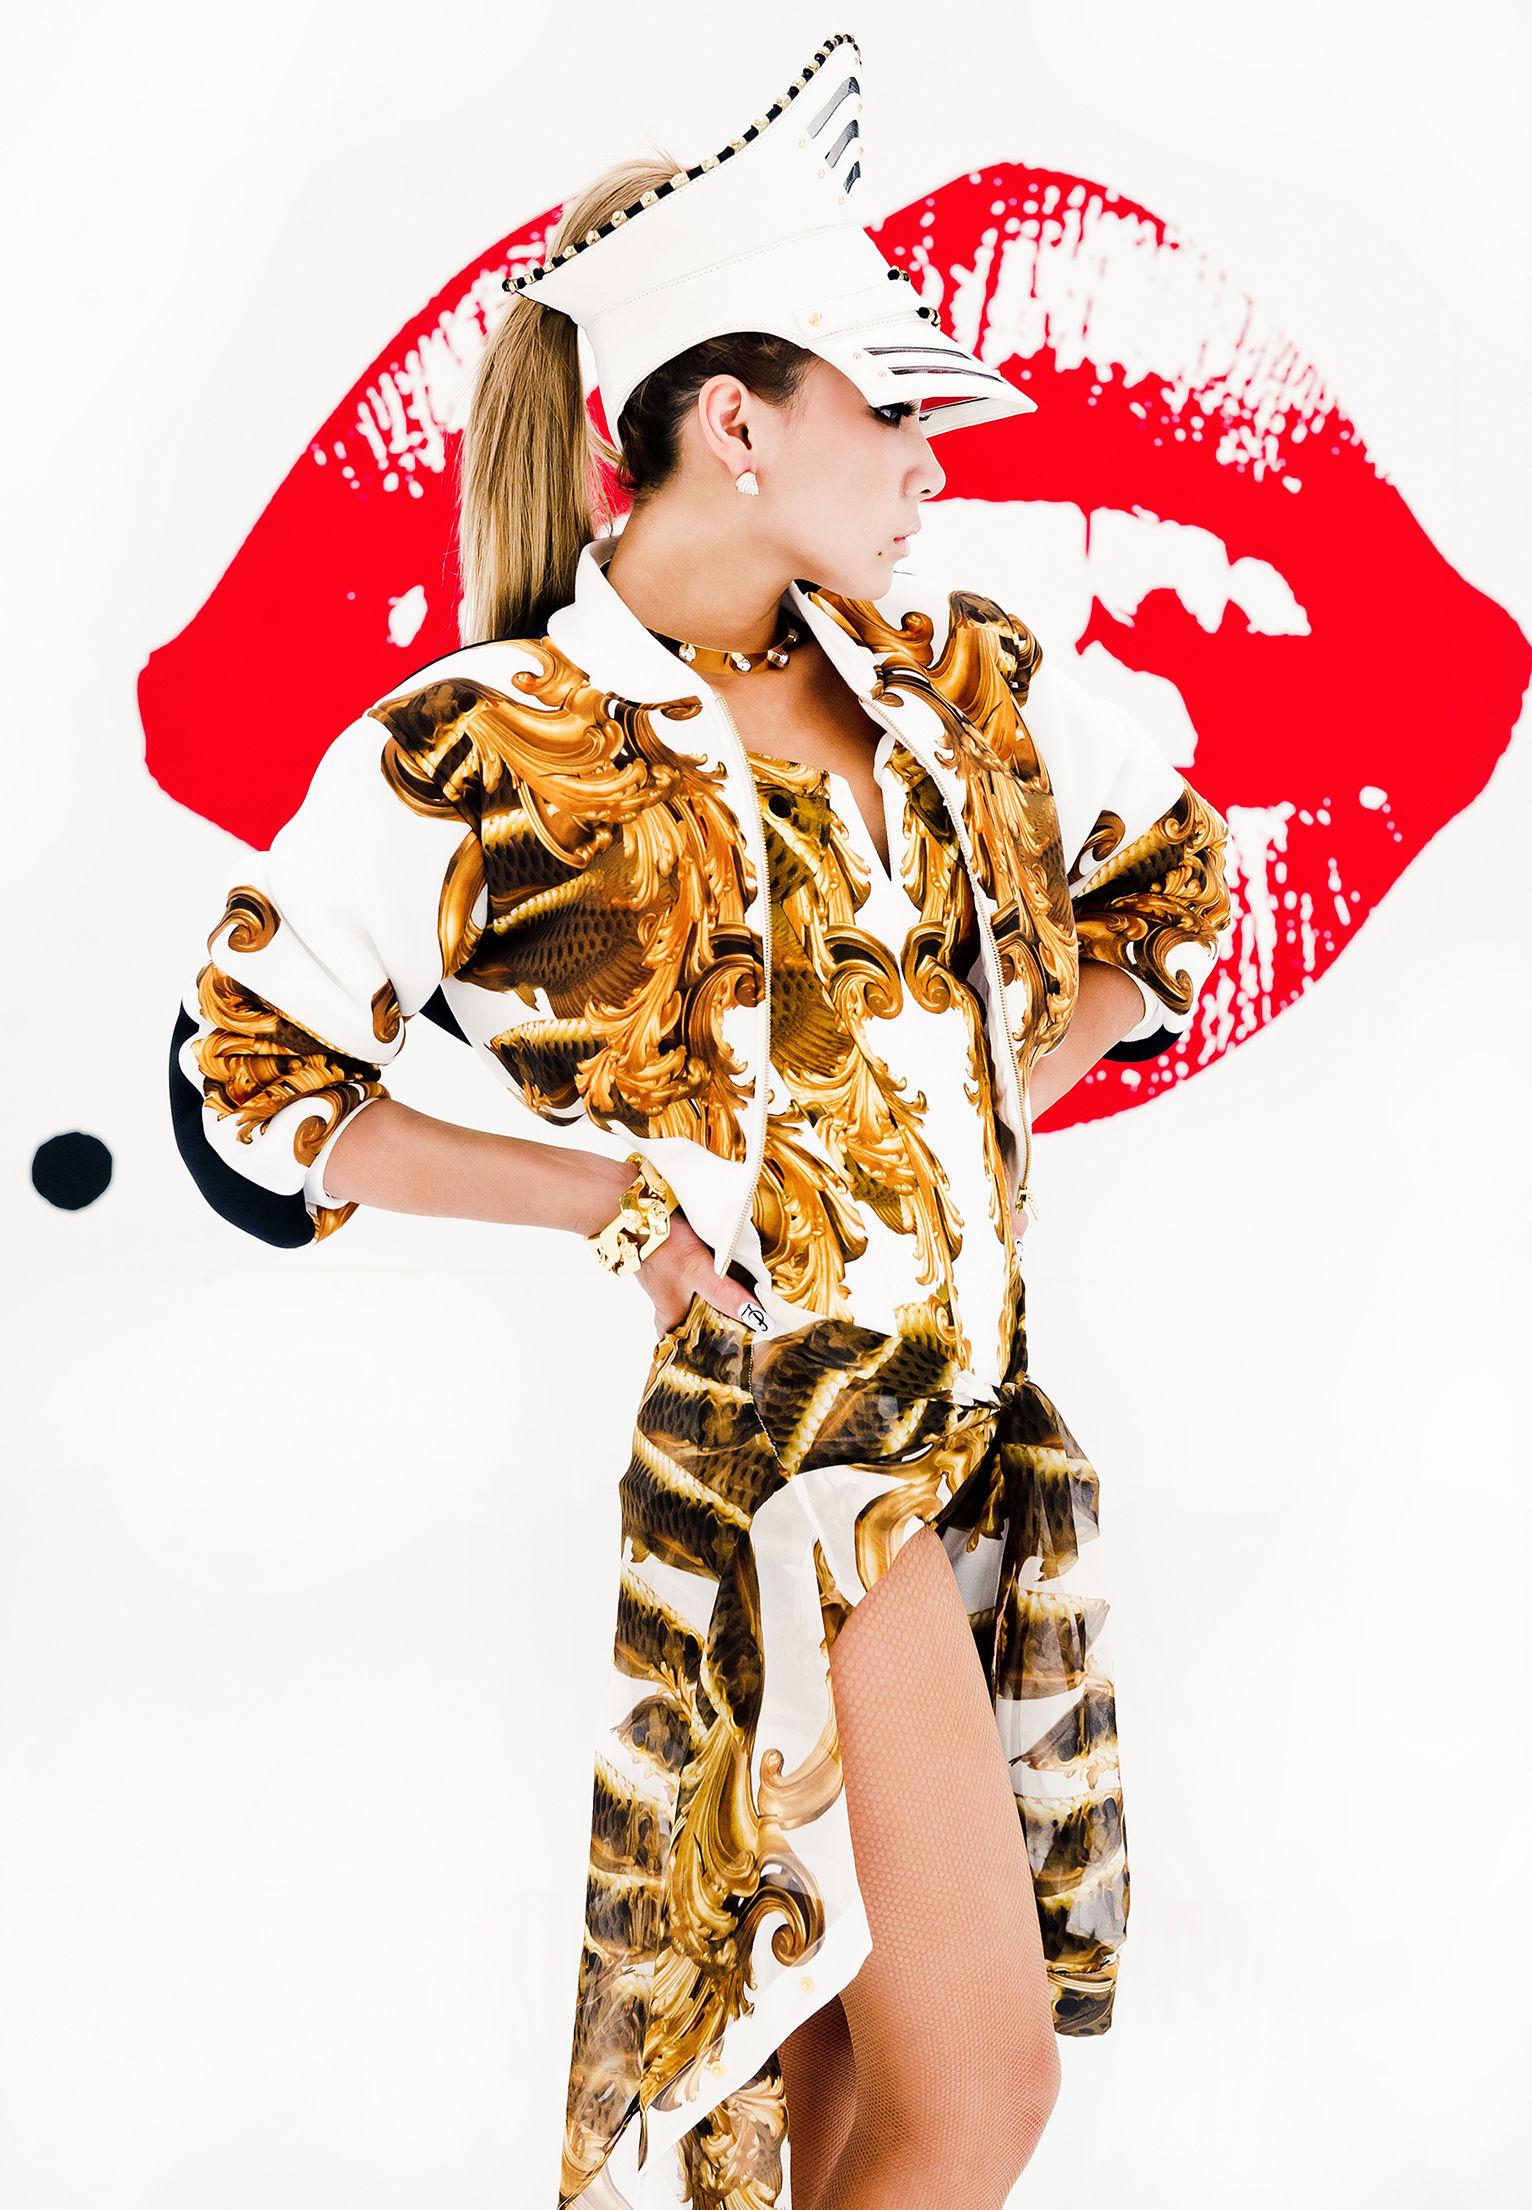 出道四年來第一次!GIRL POWER 天團【2NE1】隊長CL改當<THE BADDEST FEMALE> 【BIGBANG】師兄G-DRAGON、TAEYANG力挺跨刀演出 推出不到24小時刷新新紀錄! 破天荒!YG娛樂首度授權台灣華納5/31(五) 全台數位通路與韓國同步發行 CL最新單曲<THE BADDEST FEMALE> 6/6(四)FOX娛樂台獨家首播